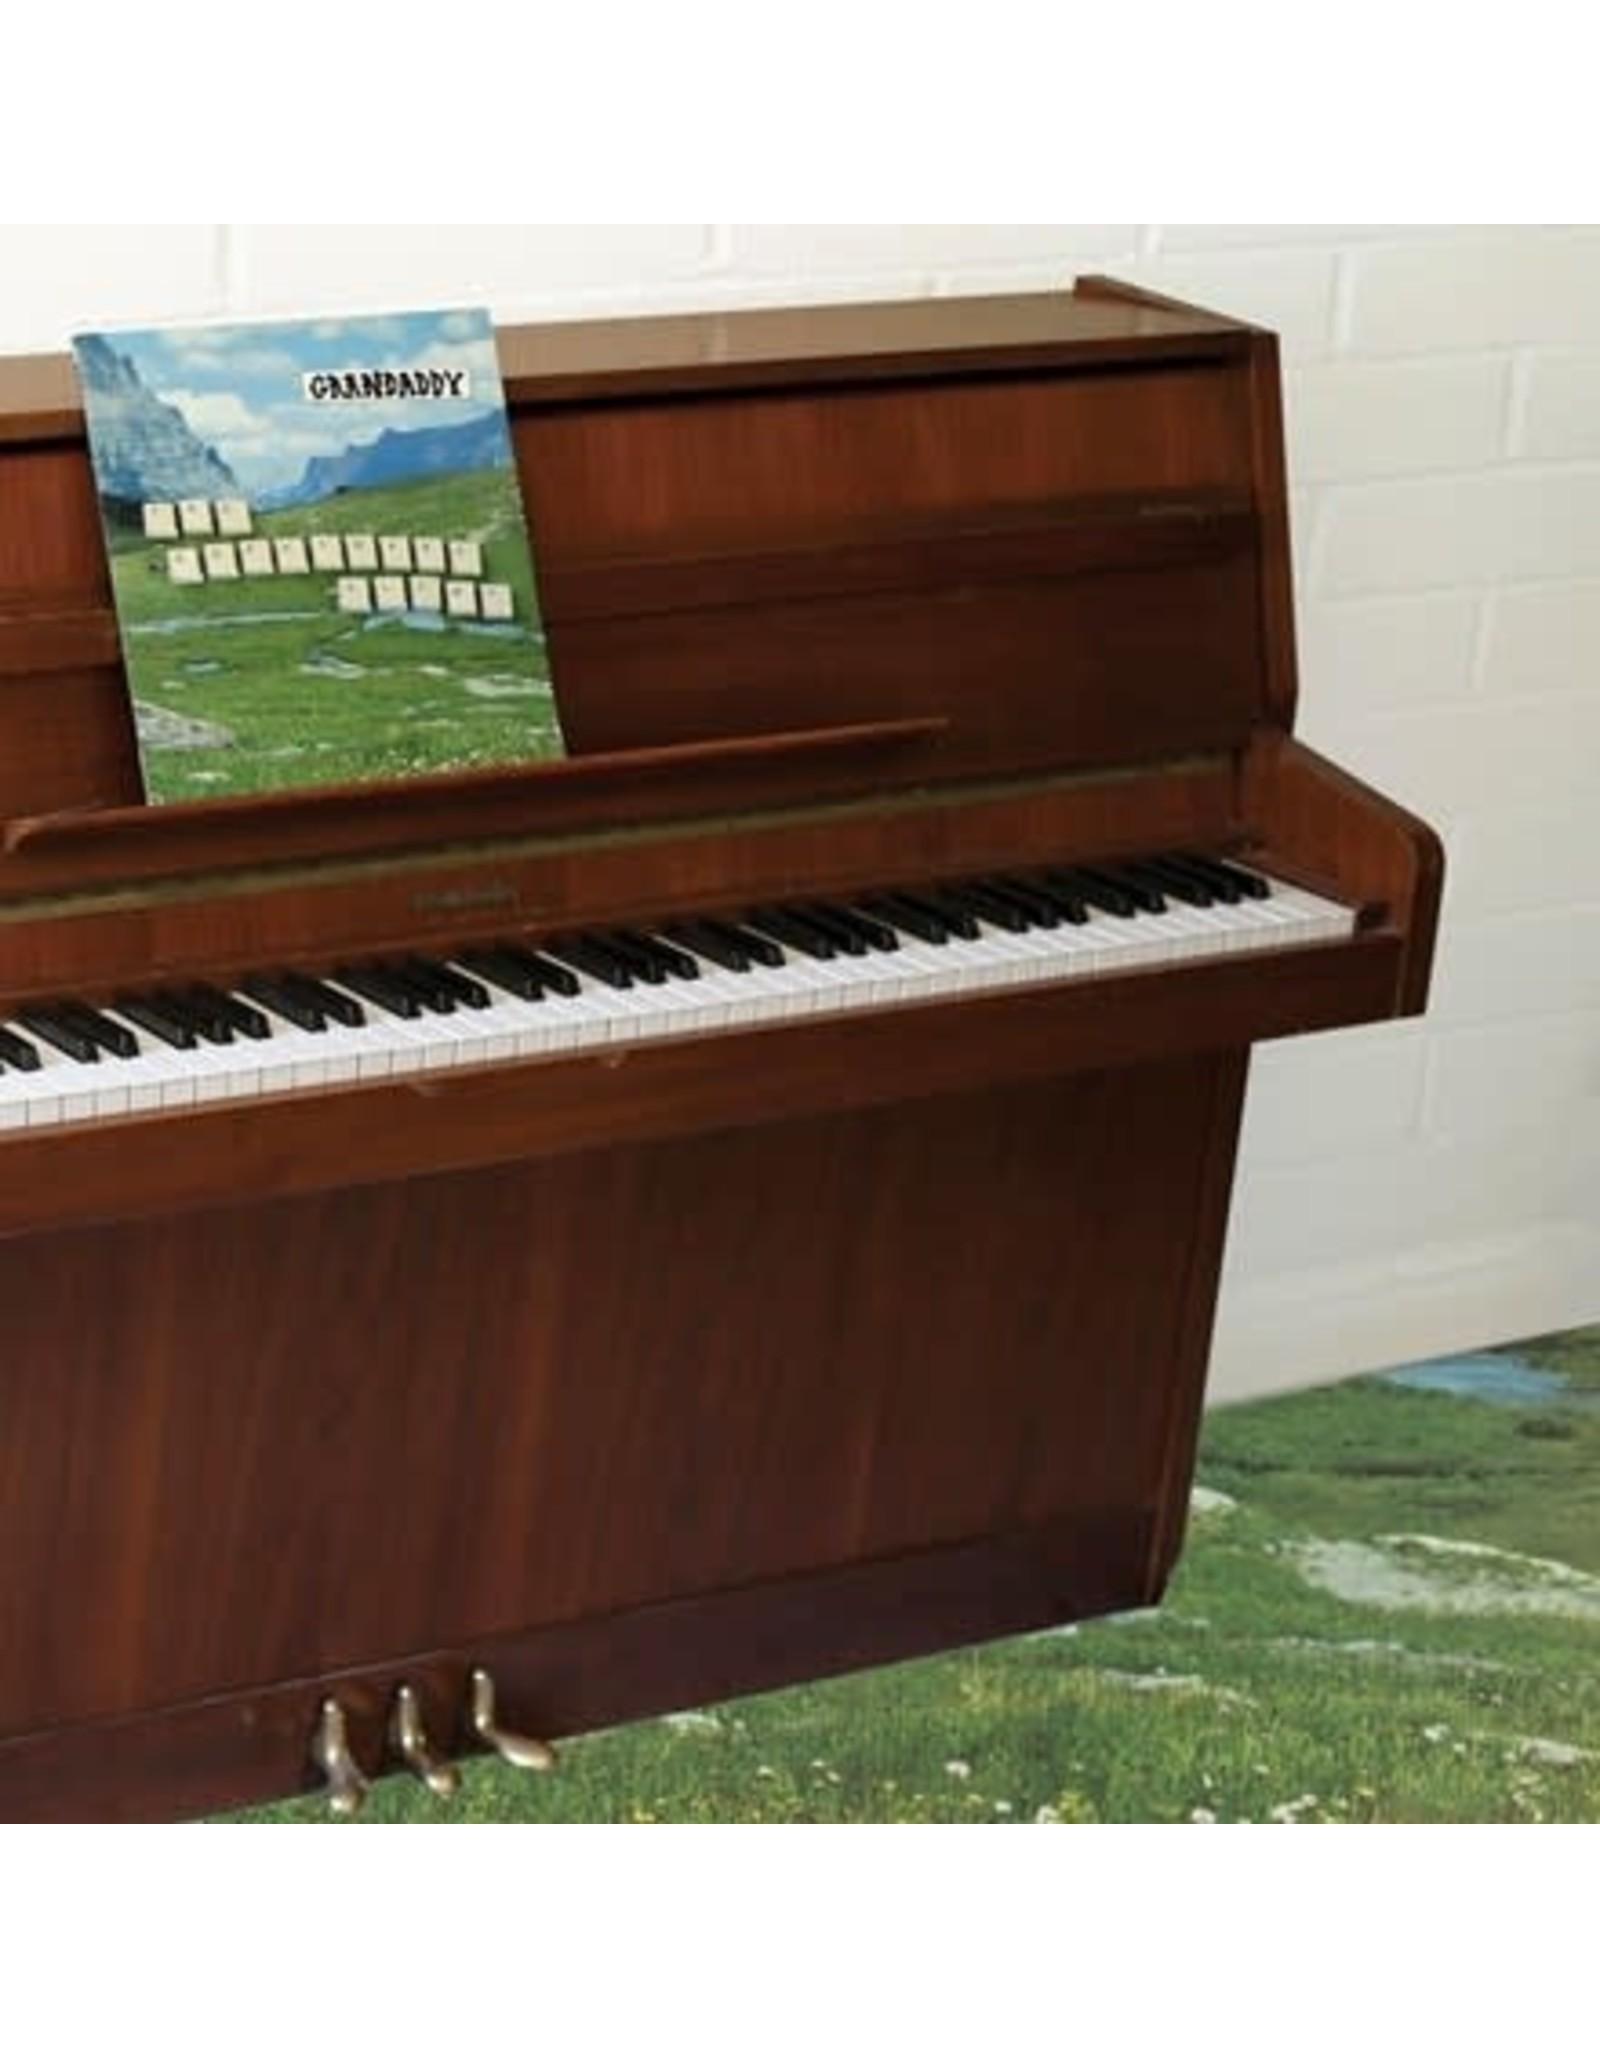 Dangerbird Grandaddy: The Sophtware Slump... On a Wooden Piano LP